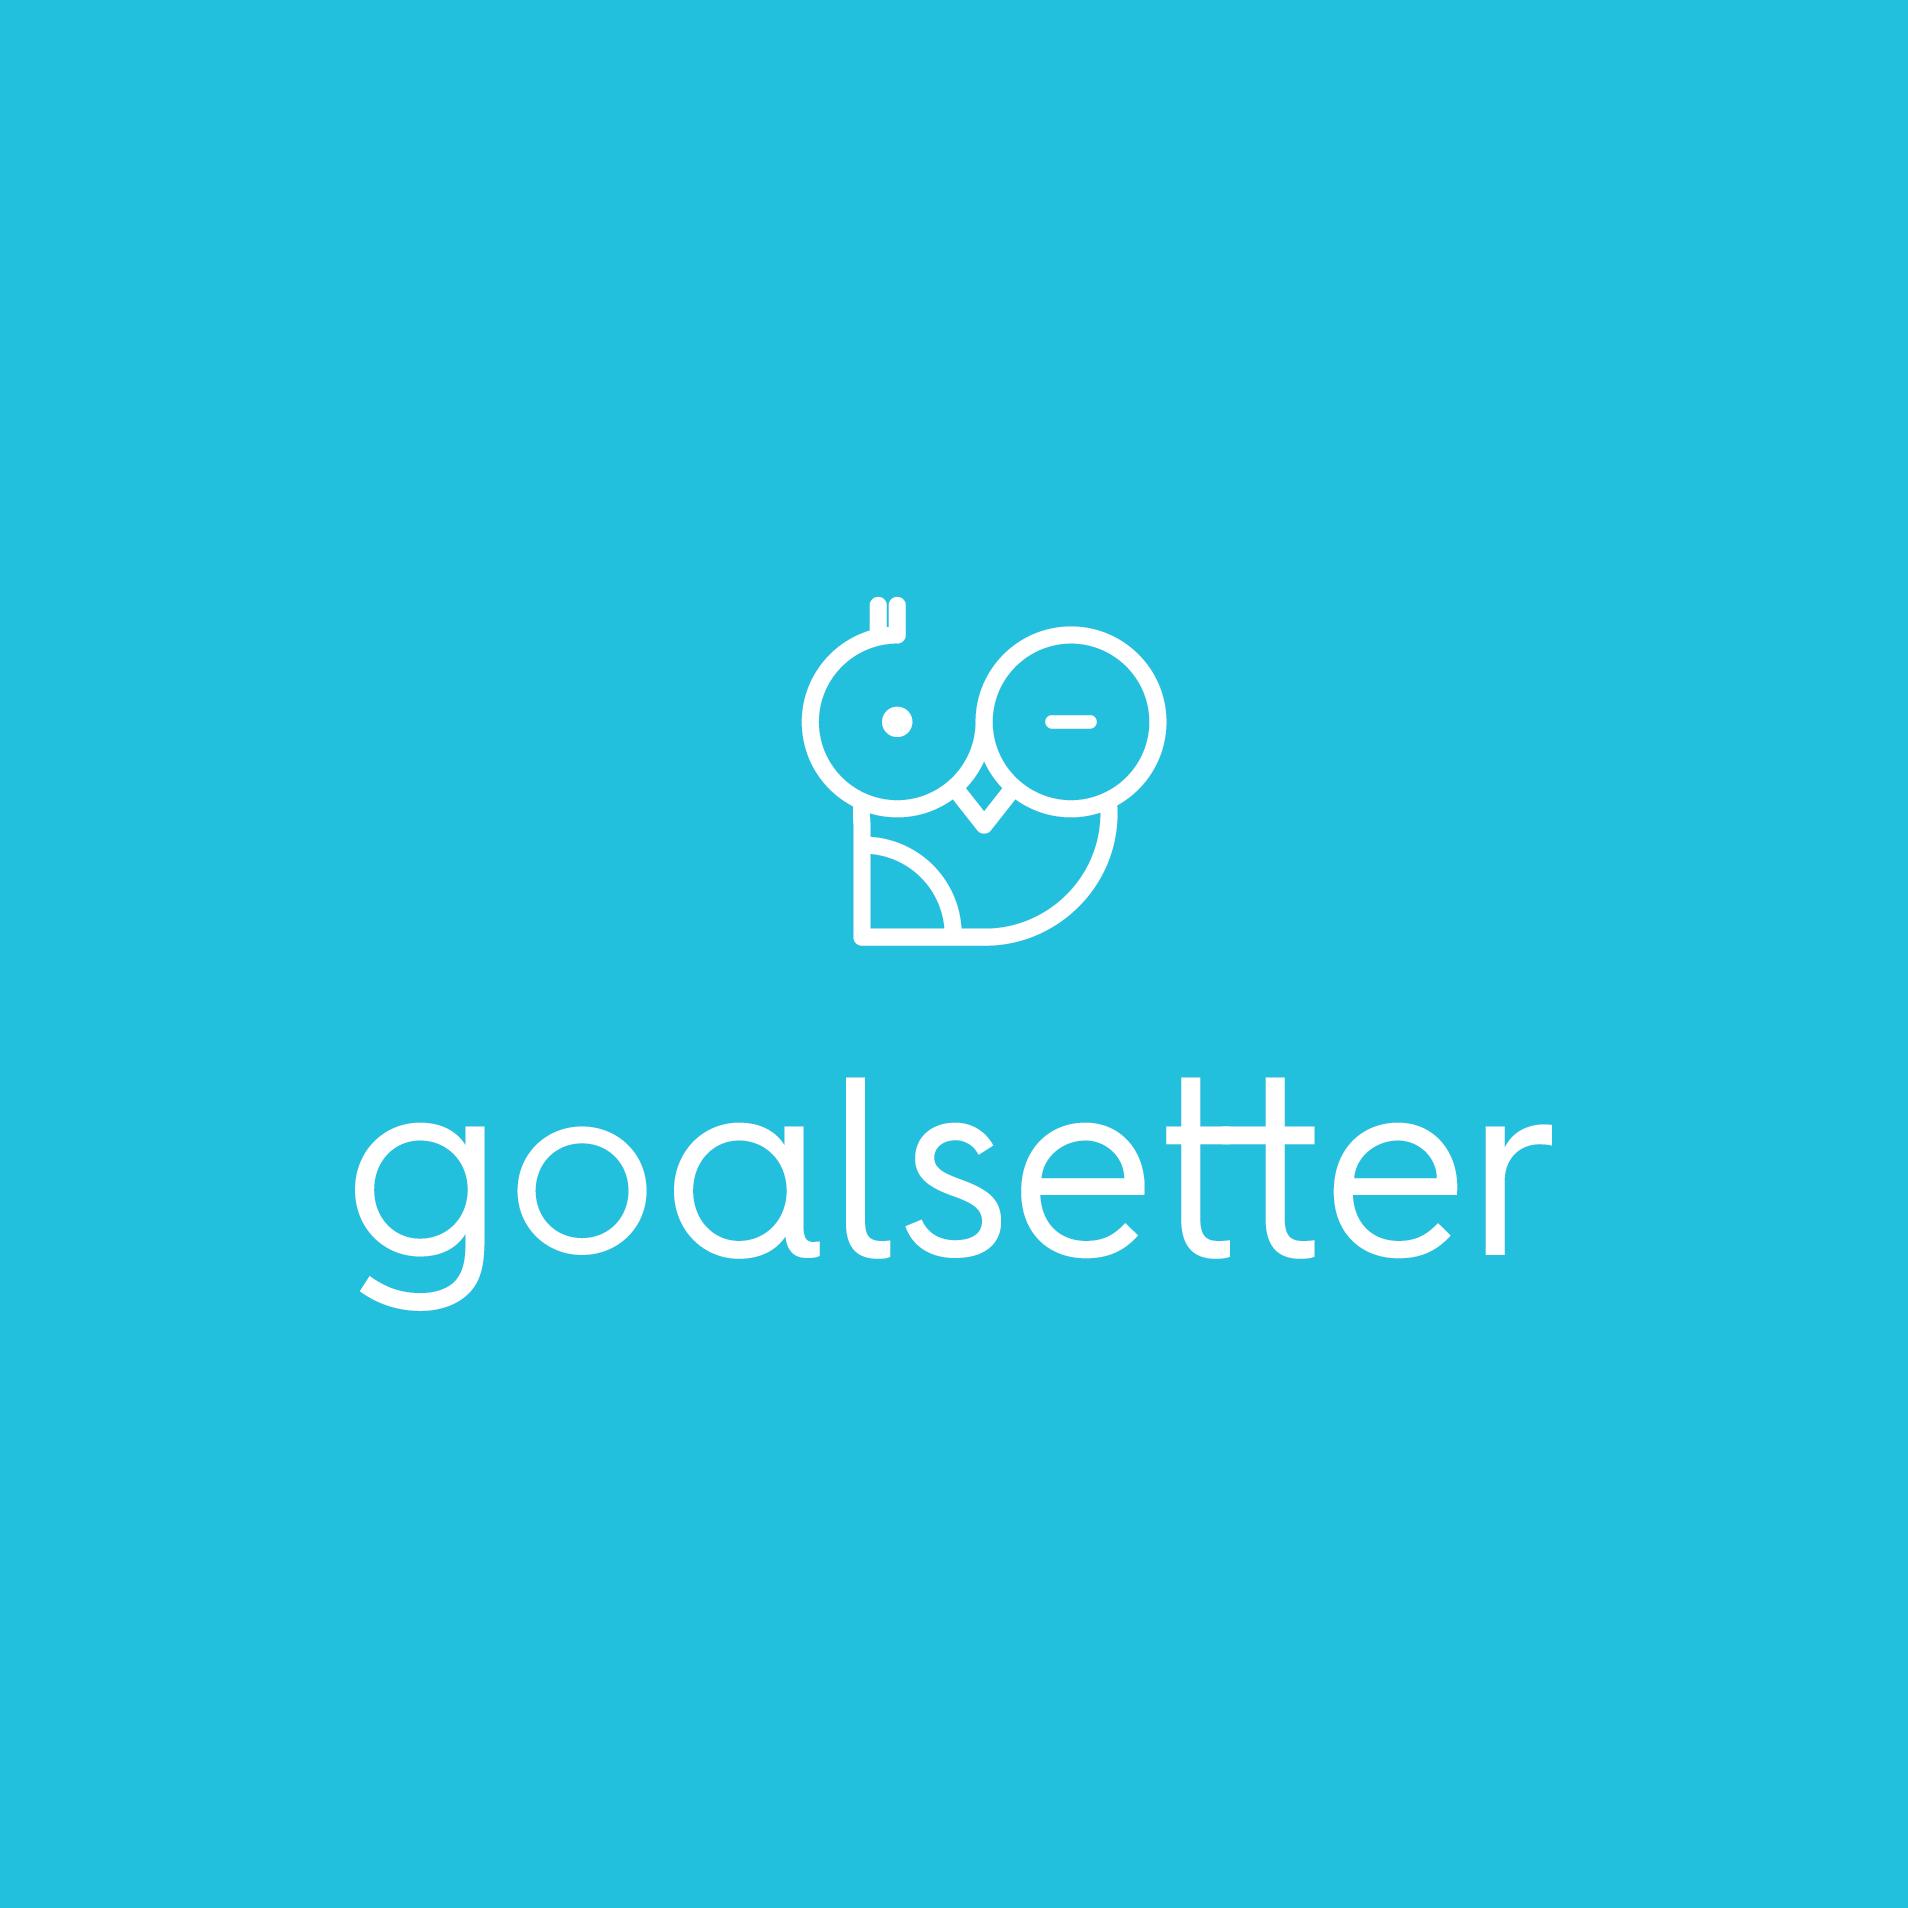 final_goalsetterlogo-03